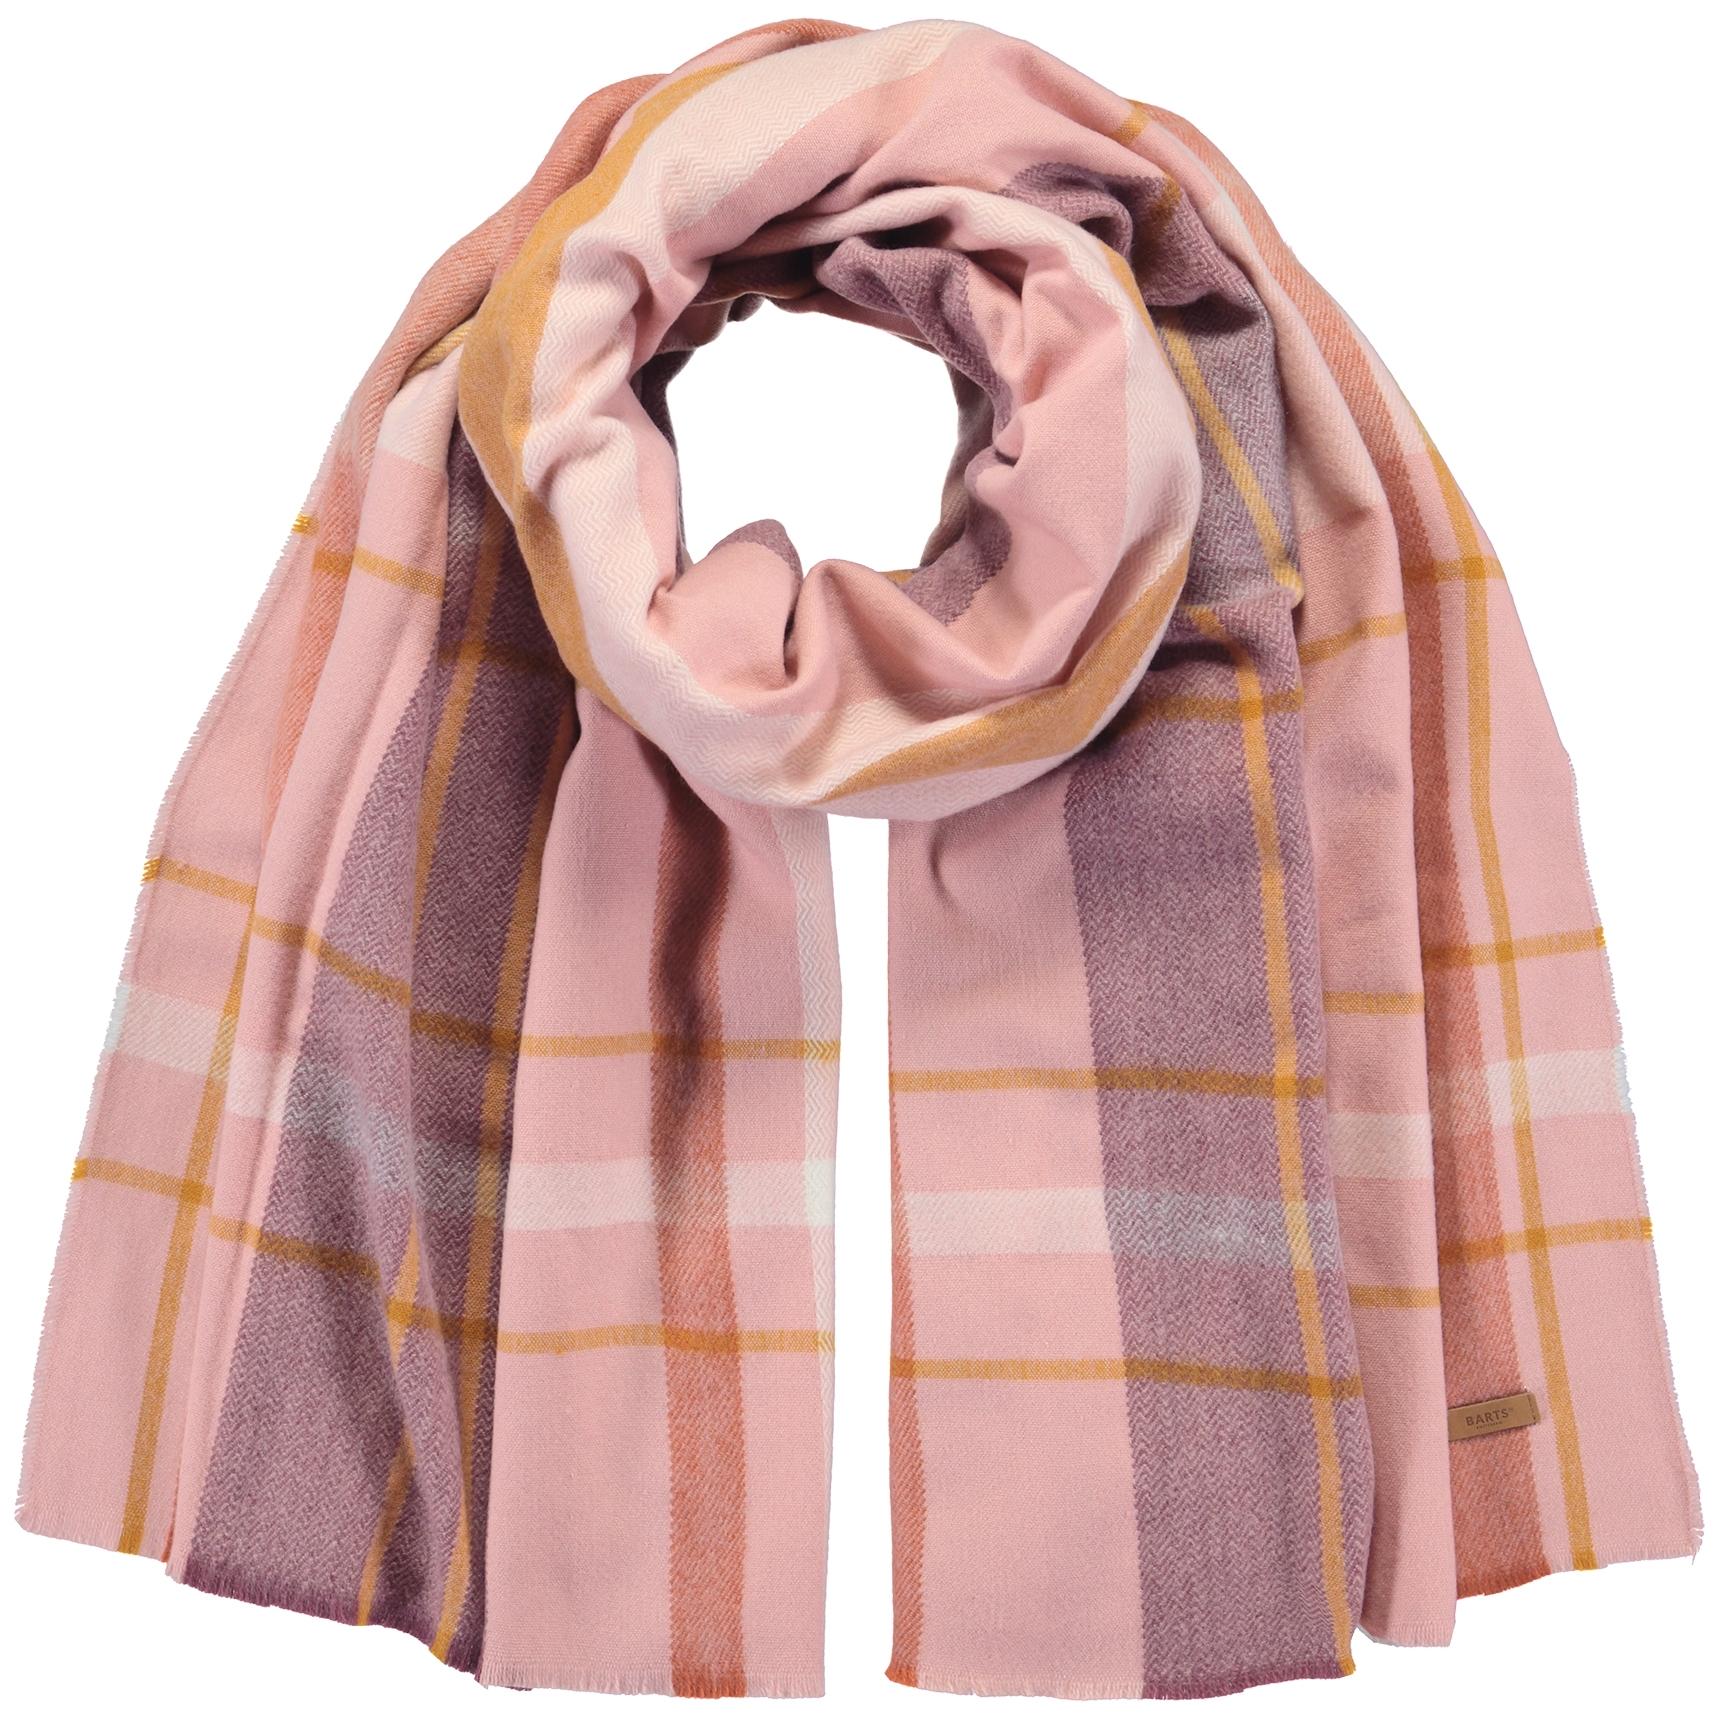 Barts Schal Spirea Scarf 4533010 pink